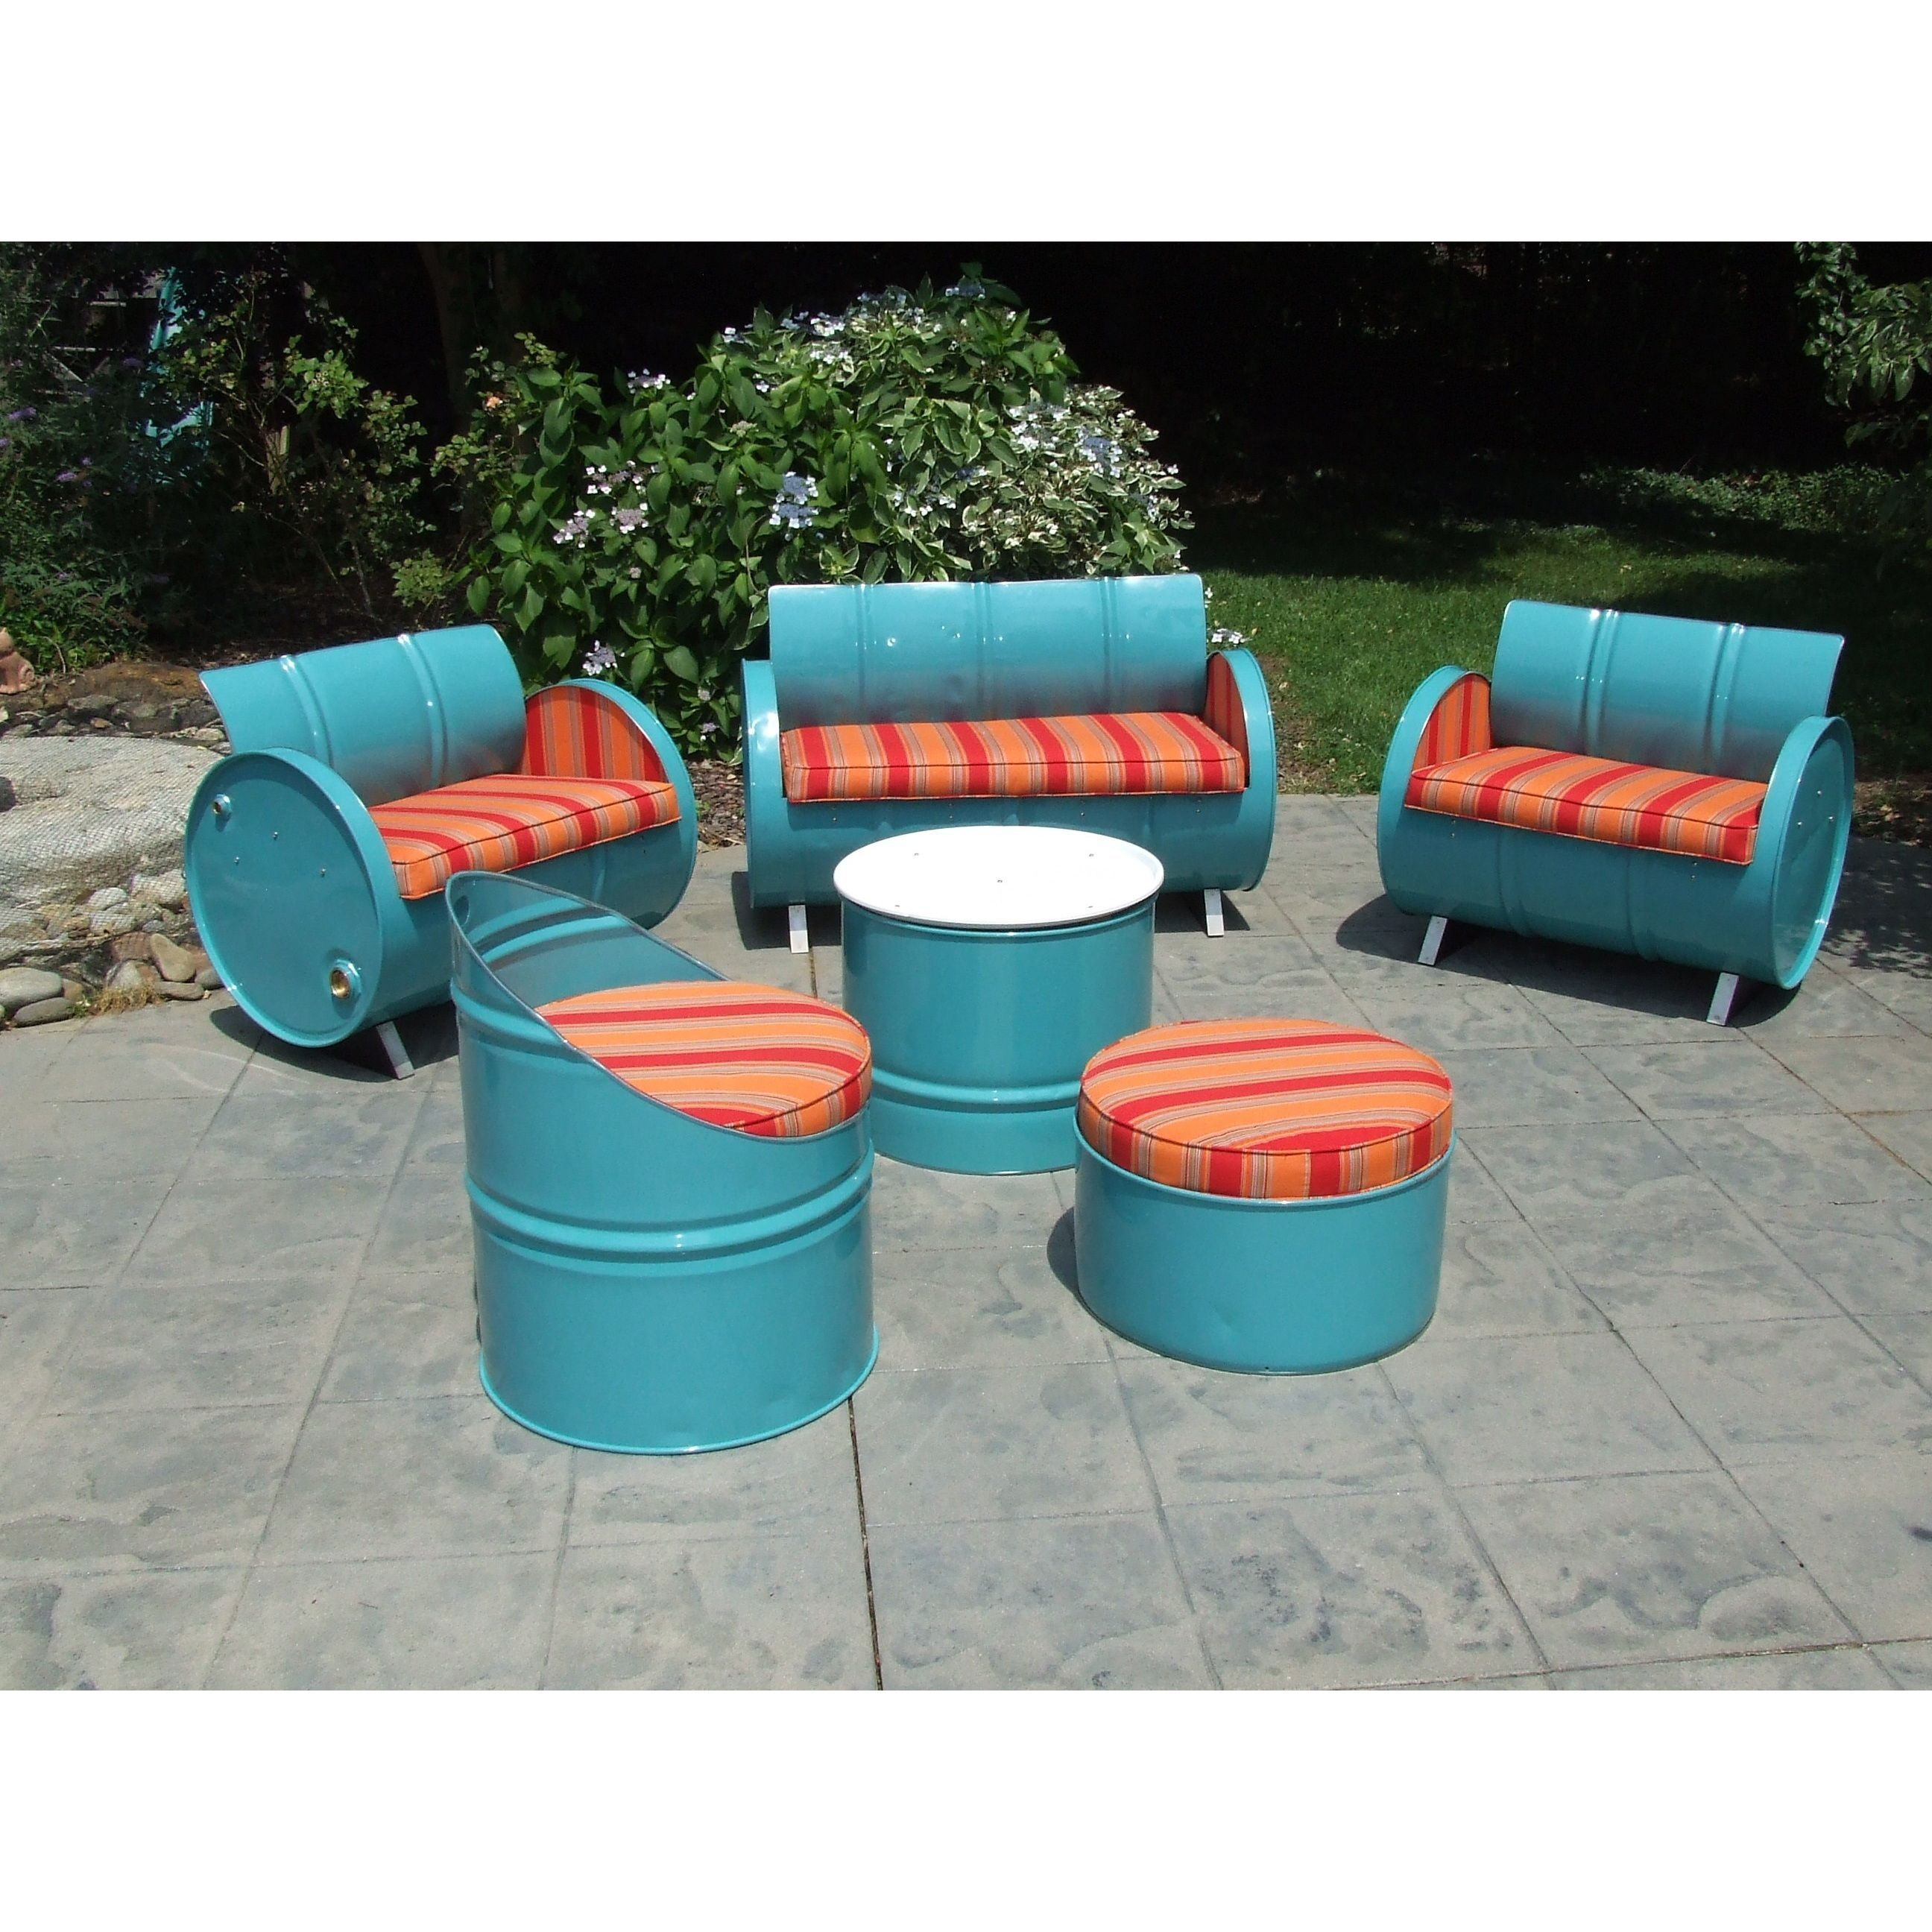 Santa Fe Blue Steel Drums and Sunbrella 6-piece Indoor/Outdoor Patio ...